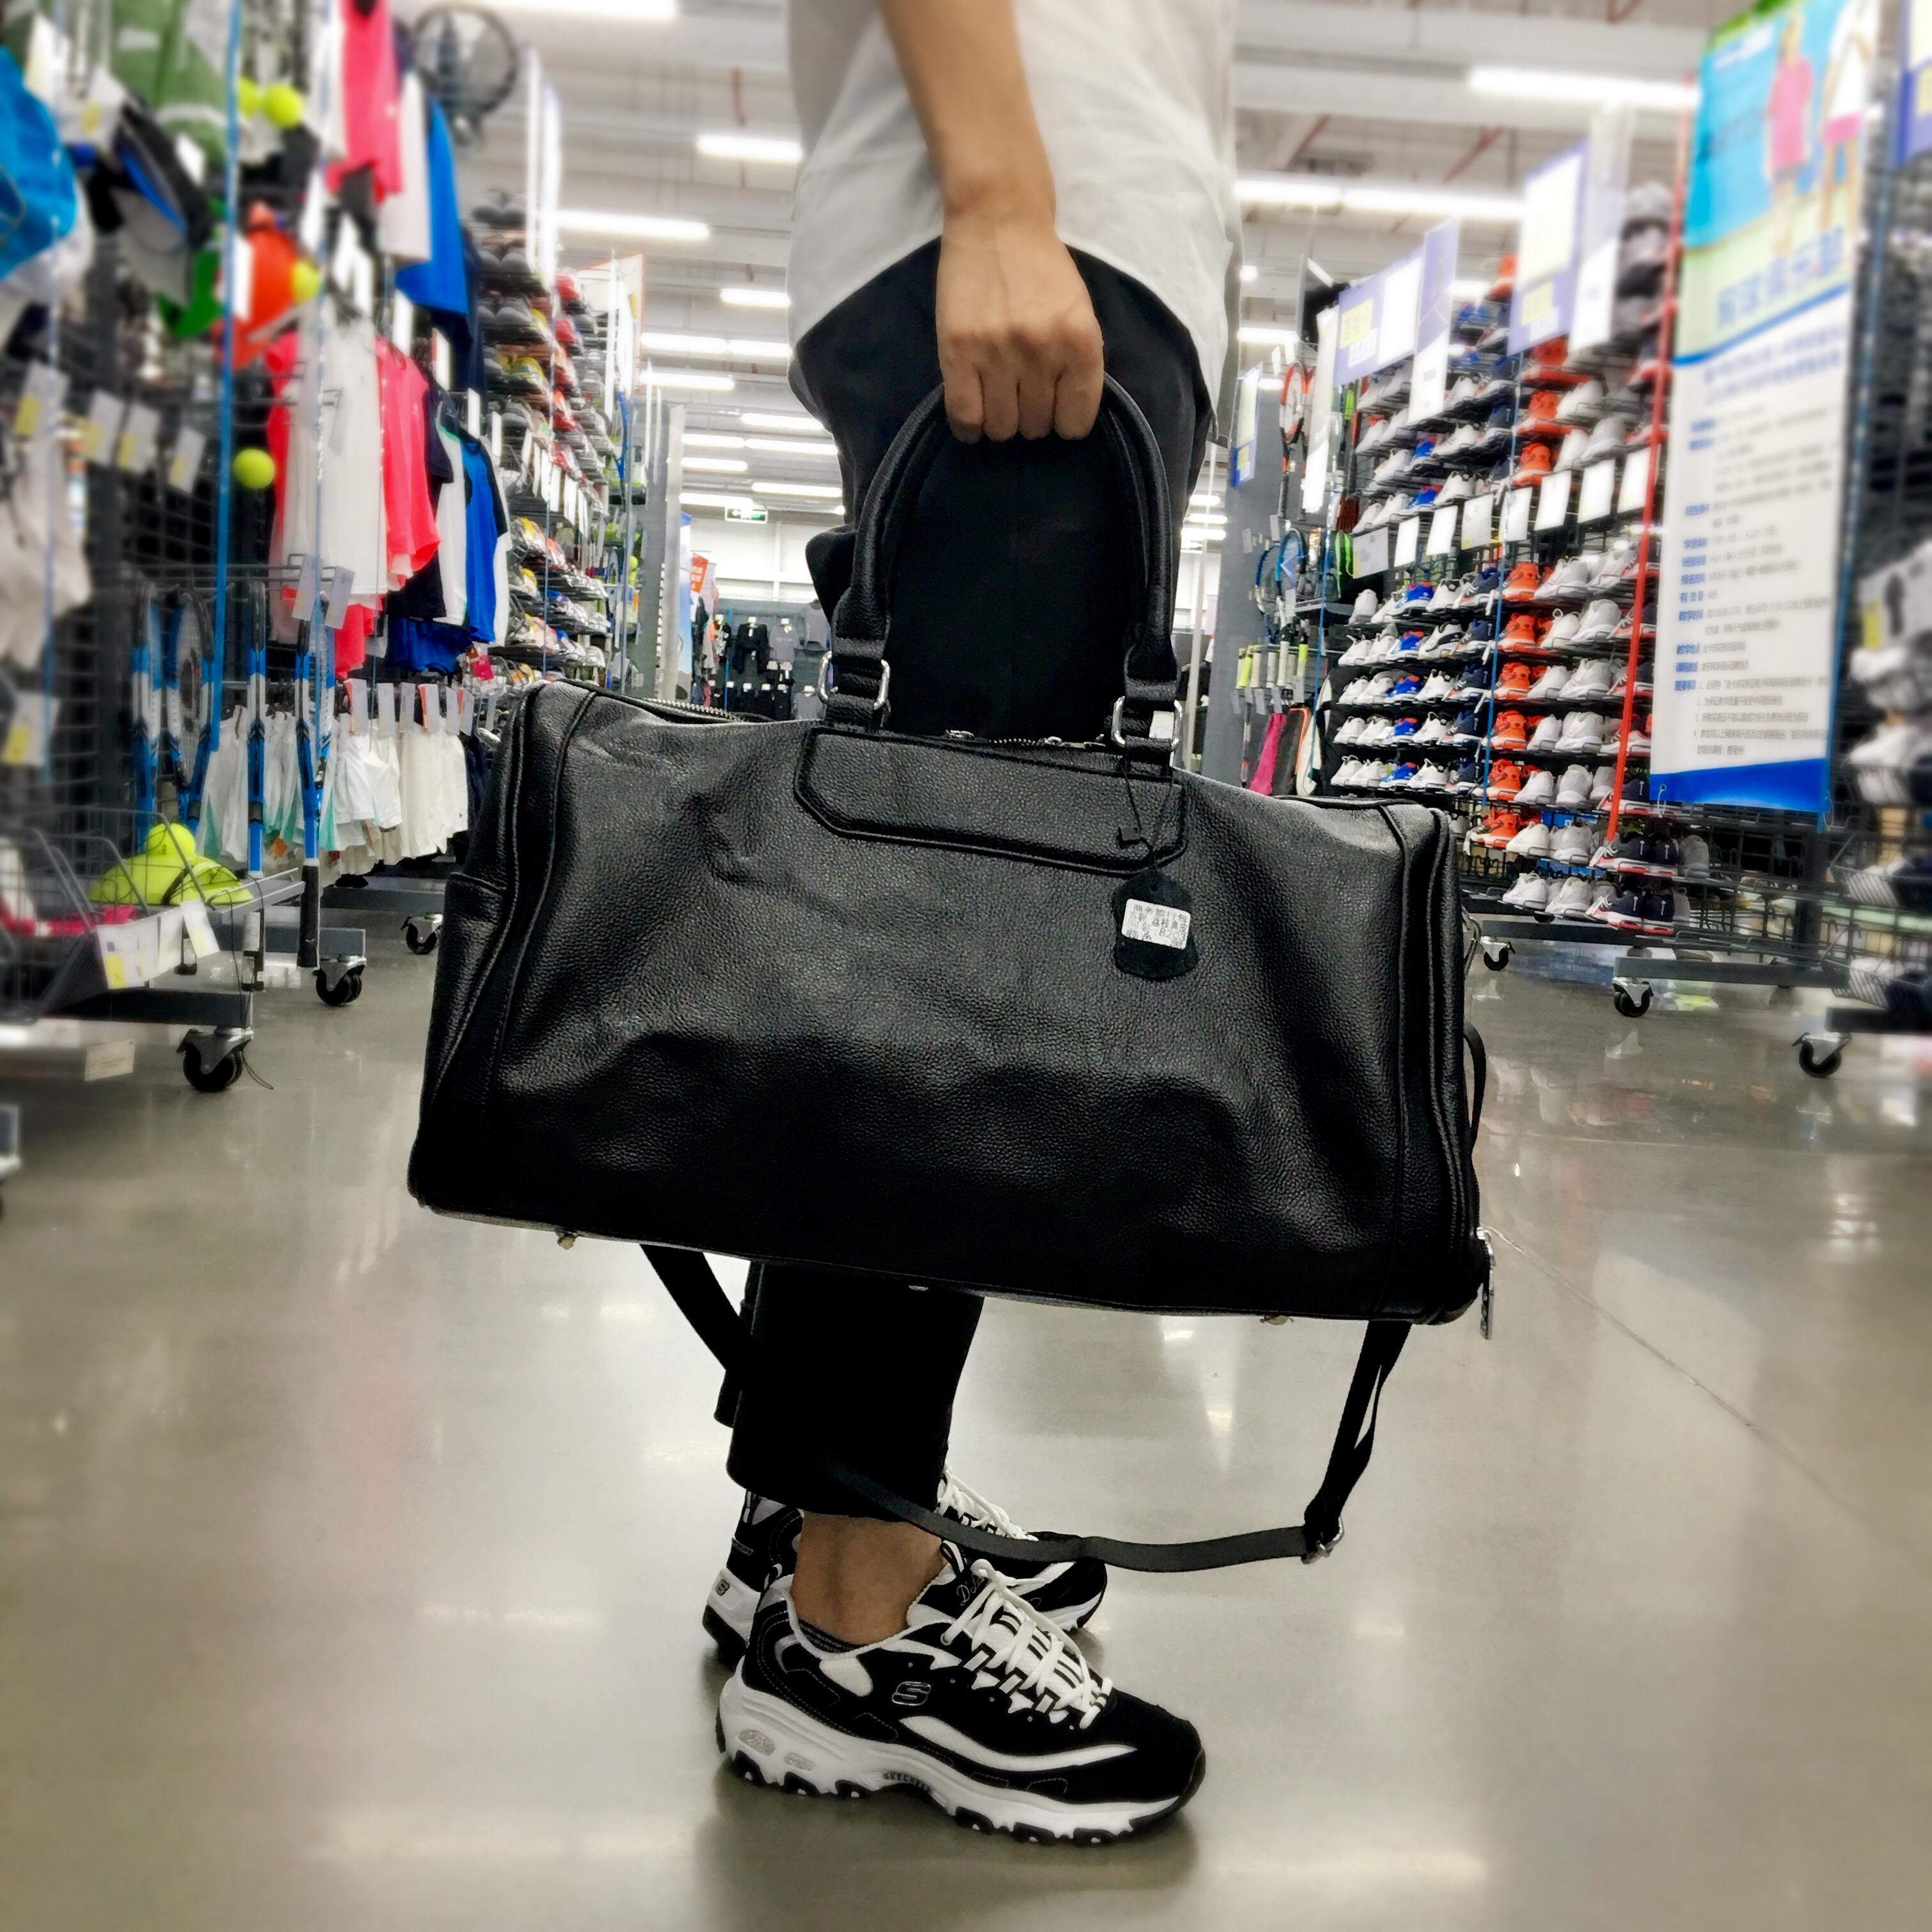 กระเป๋าเดินทางไปเที่ยวฟิตเนสสะพายและถือสายยาวได้ใบใหญ่มีช่องใส่รองเท้าแฟชั่น นำเข้า สีดำ - พรีออเดอร์BB0178 ราคา3900บาท